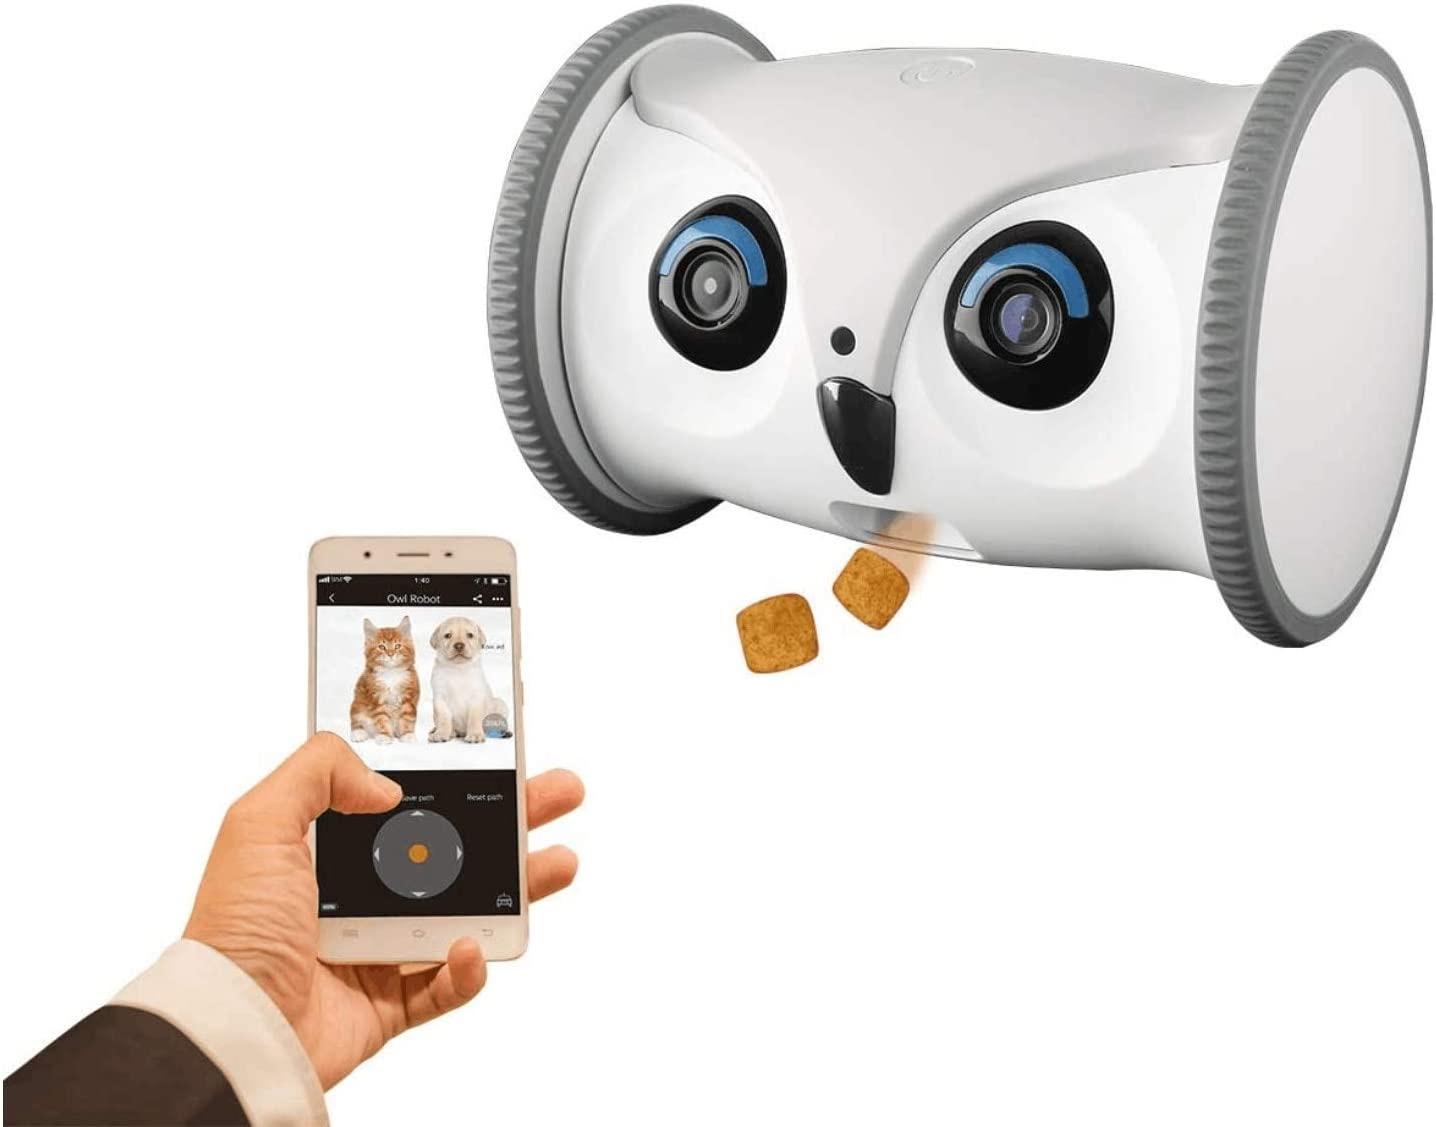 Skymee Owl Robot